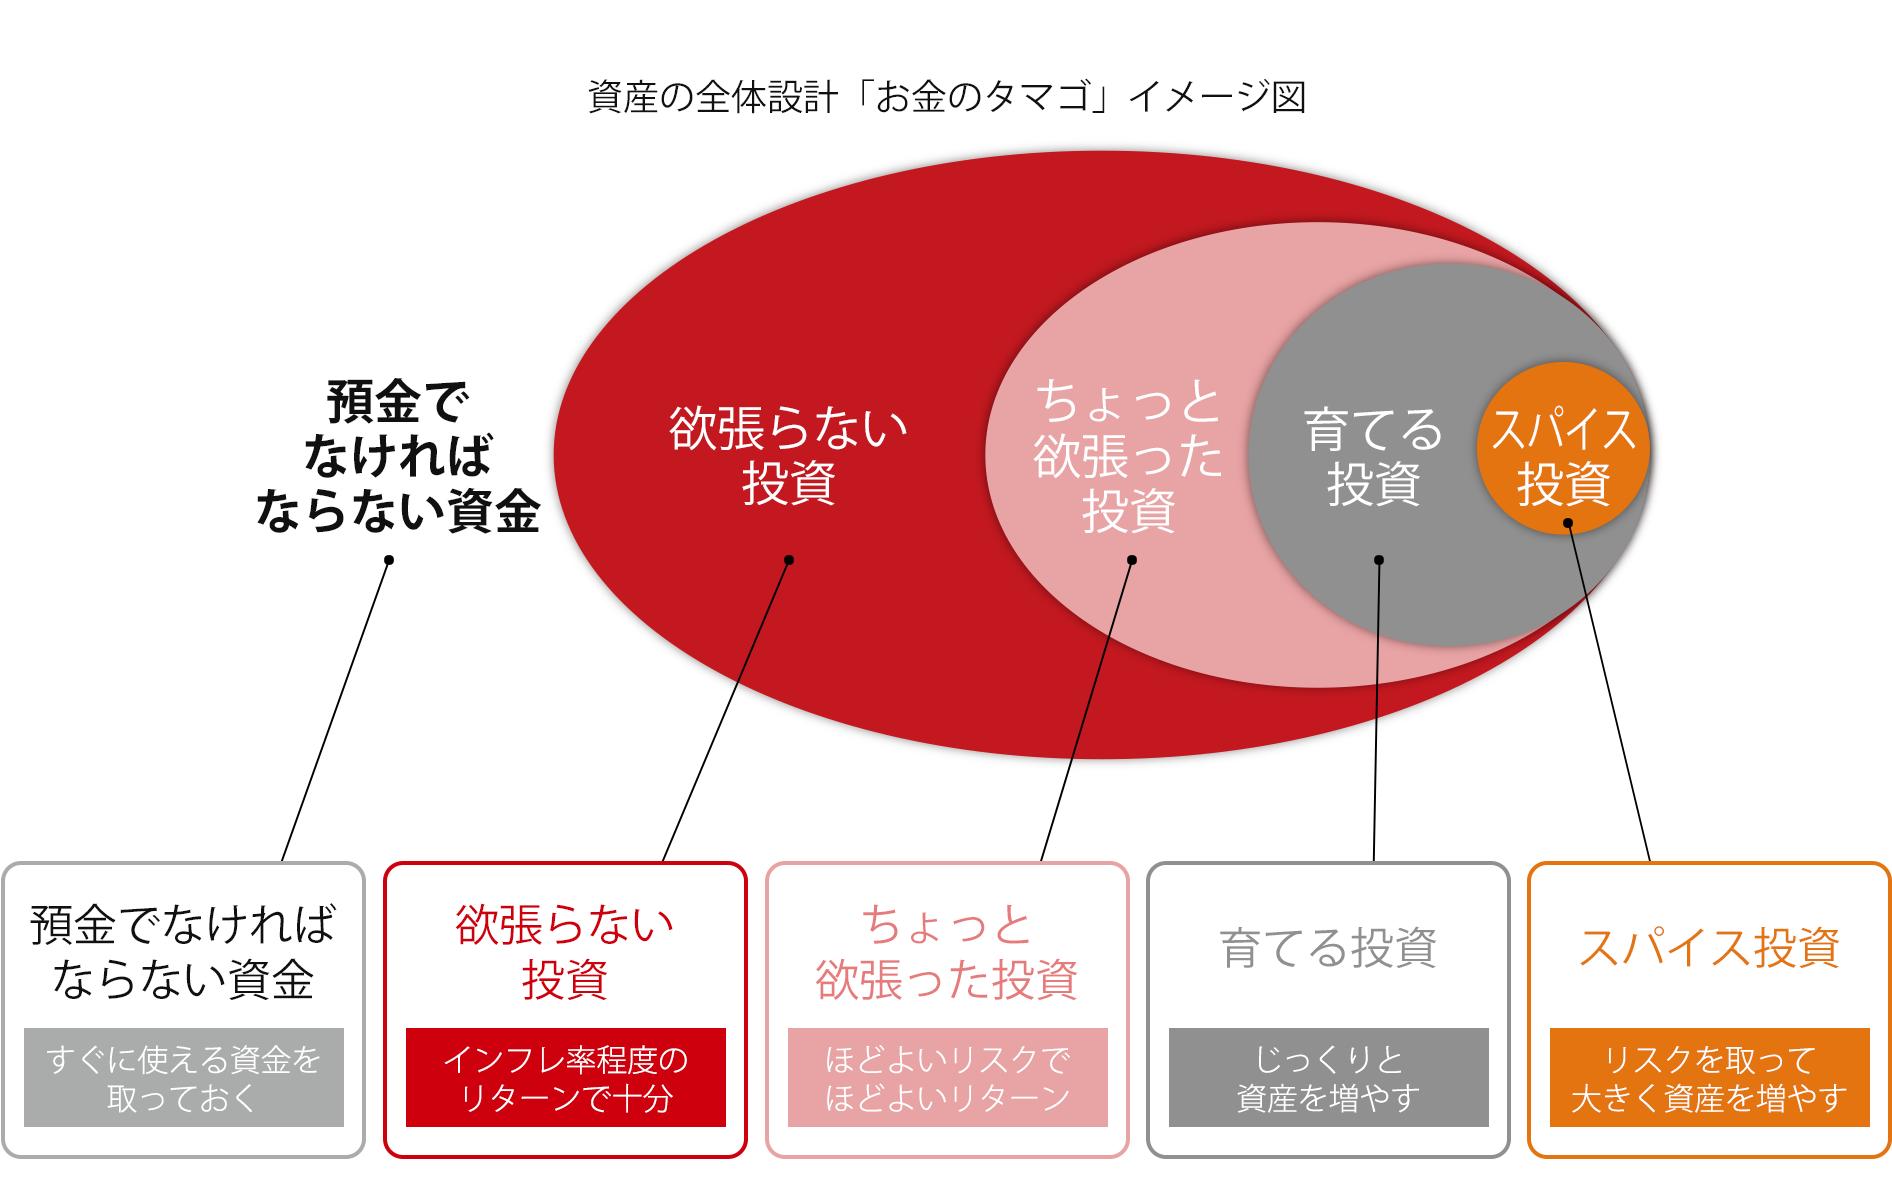 資産の全体設計「お金のタマゴ」イメージ図